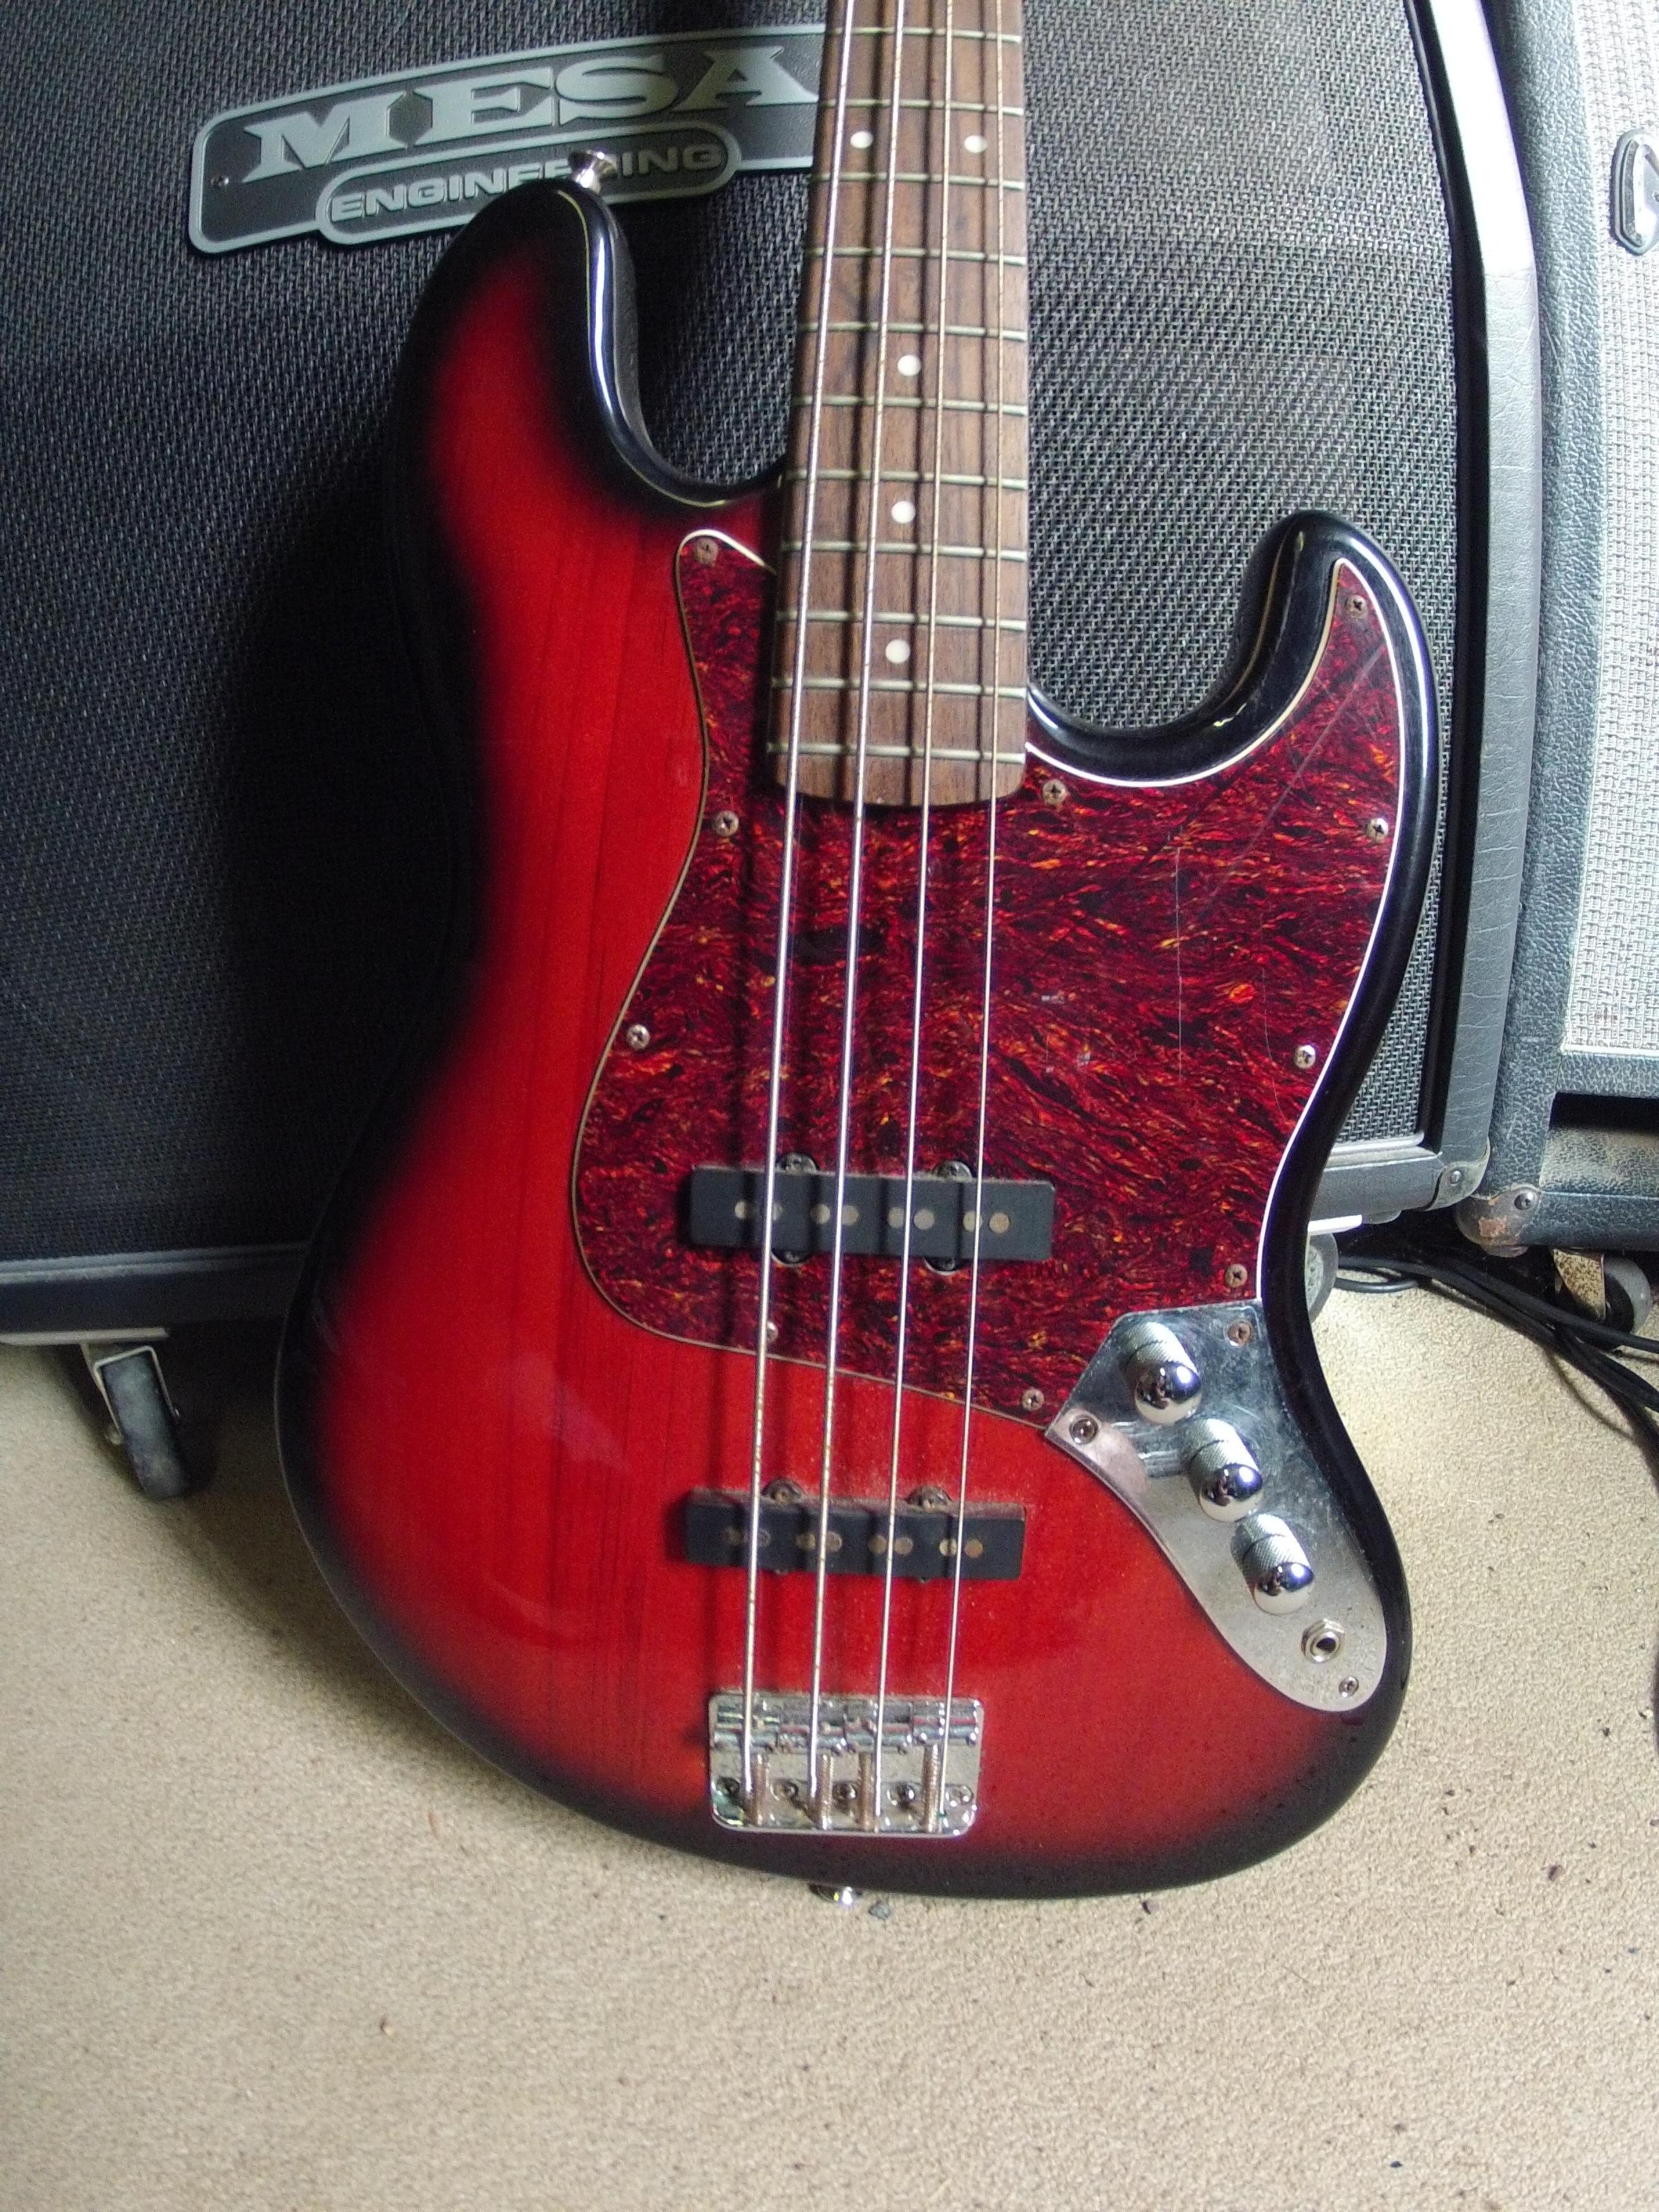 Squier Standard Jazz Bass Antoinemzr Images